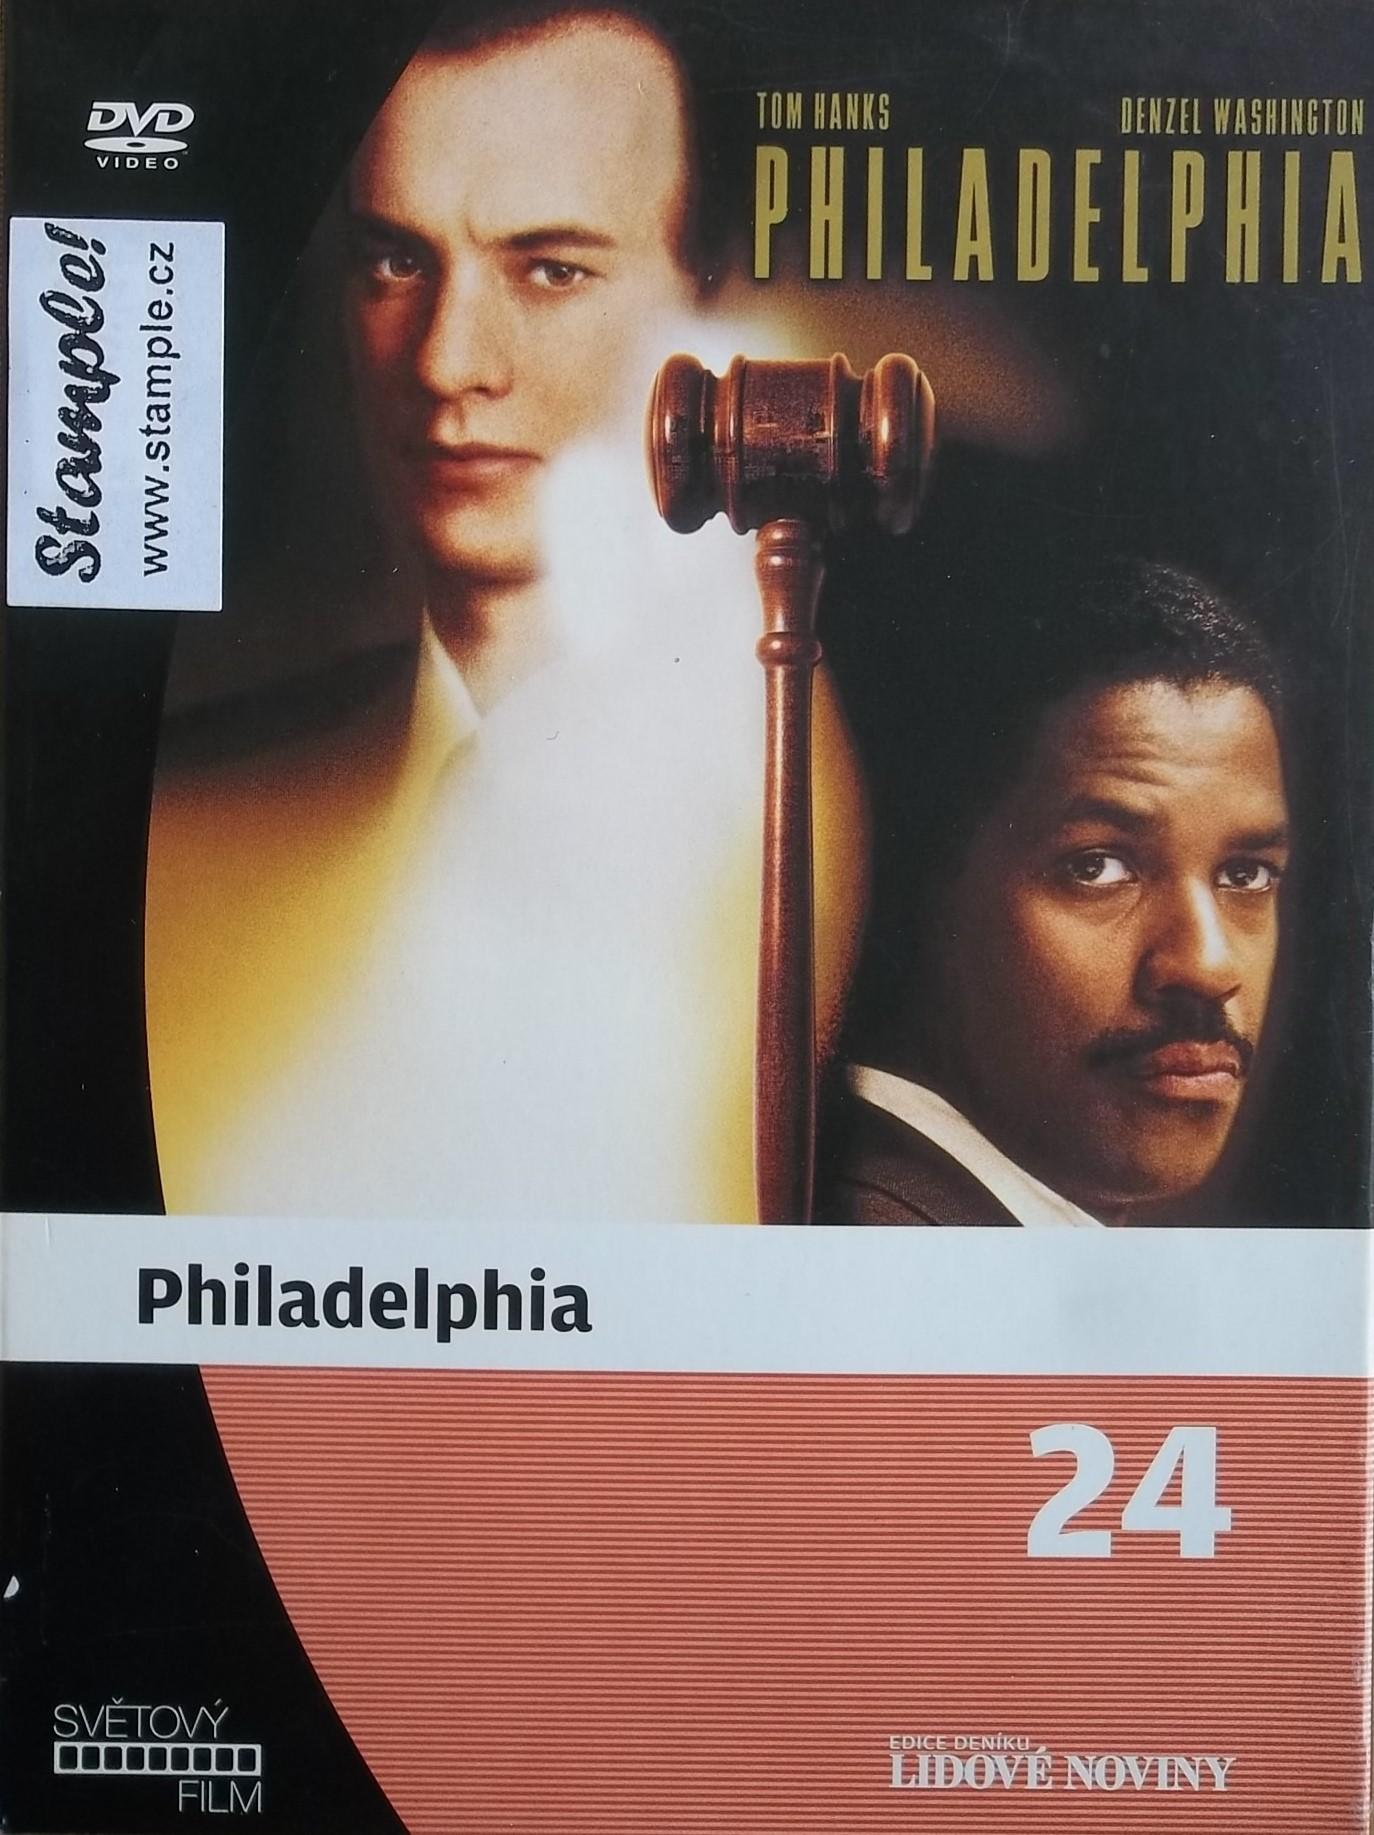 Philadelphia - DVD (digipack)